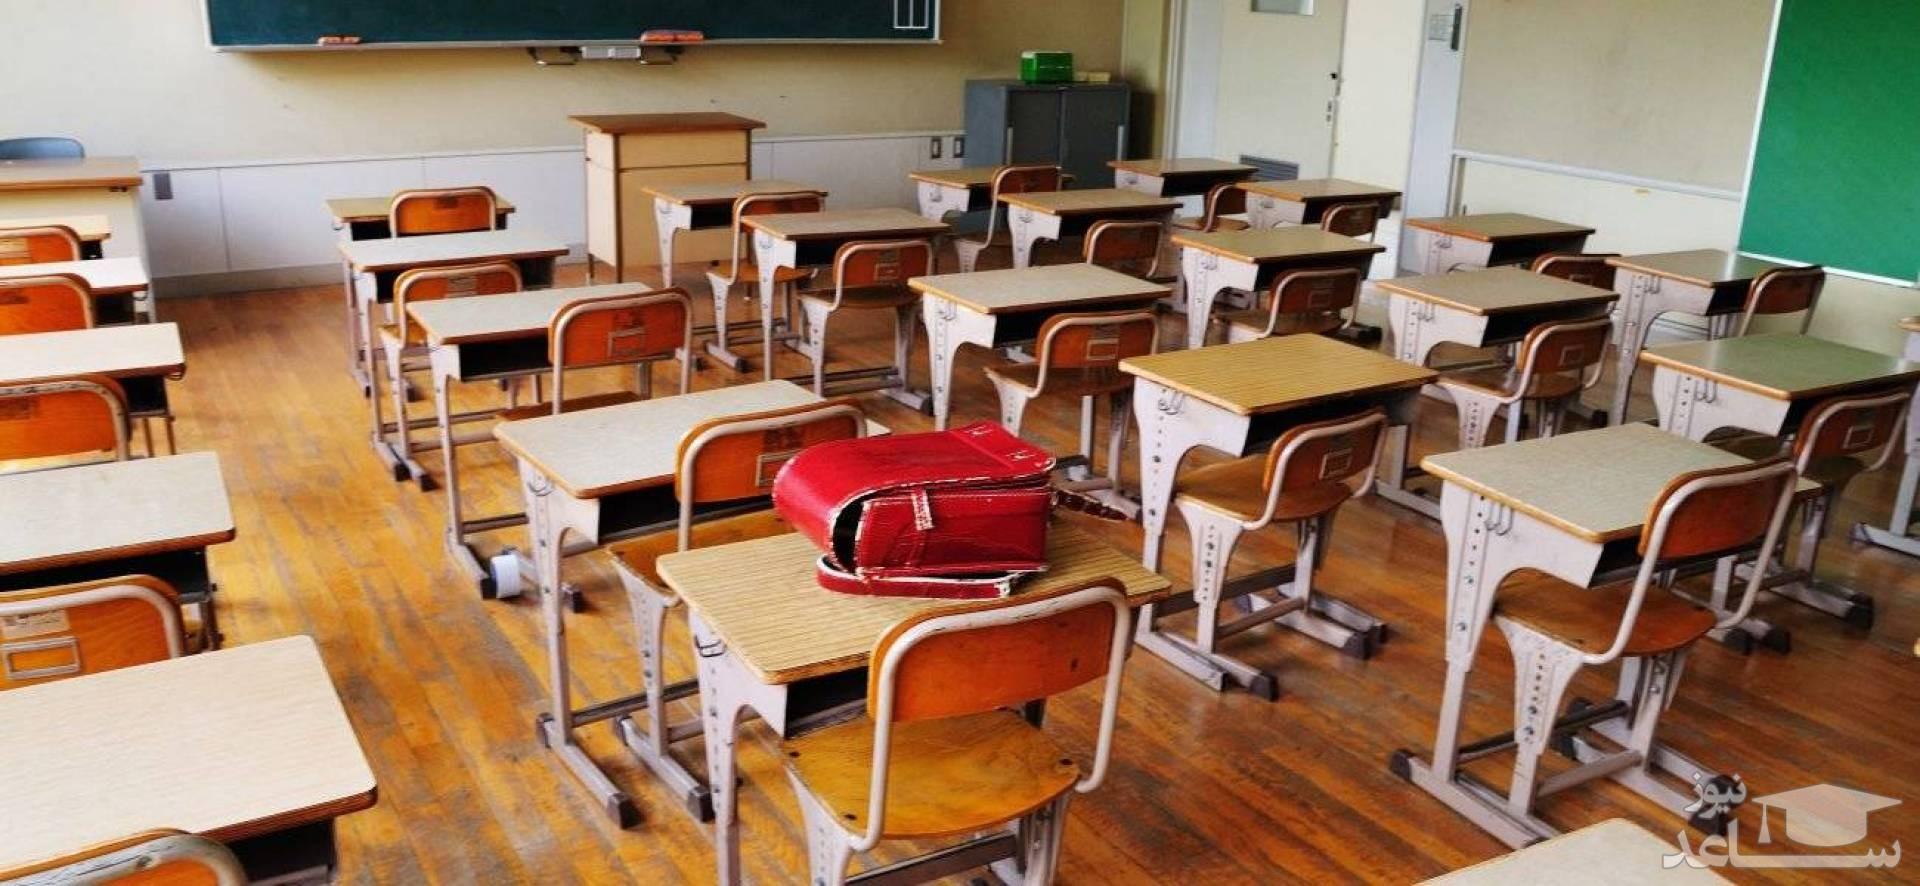 تکلیف بازگشایی مدارس با خیز پنجم کرونا/ قرمز انگار آبیه ، کسی حرف گوش نمیکنه